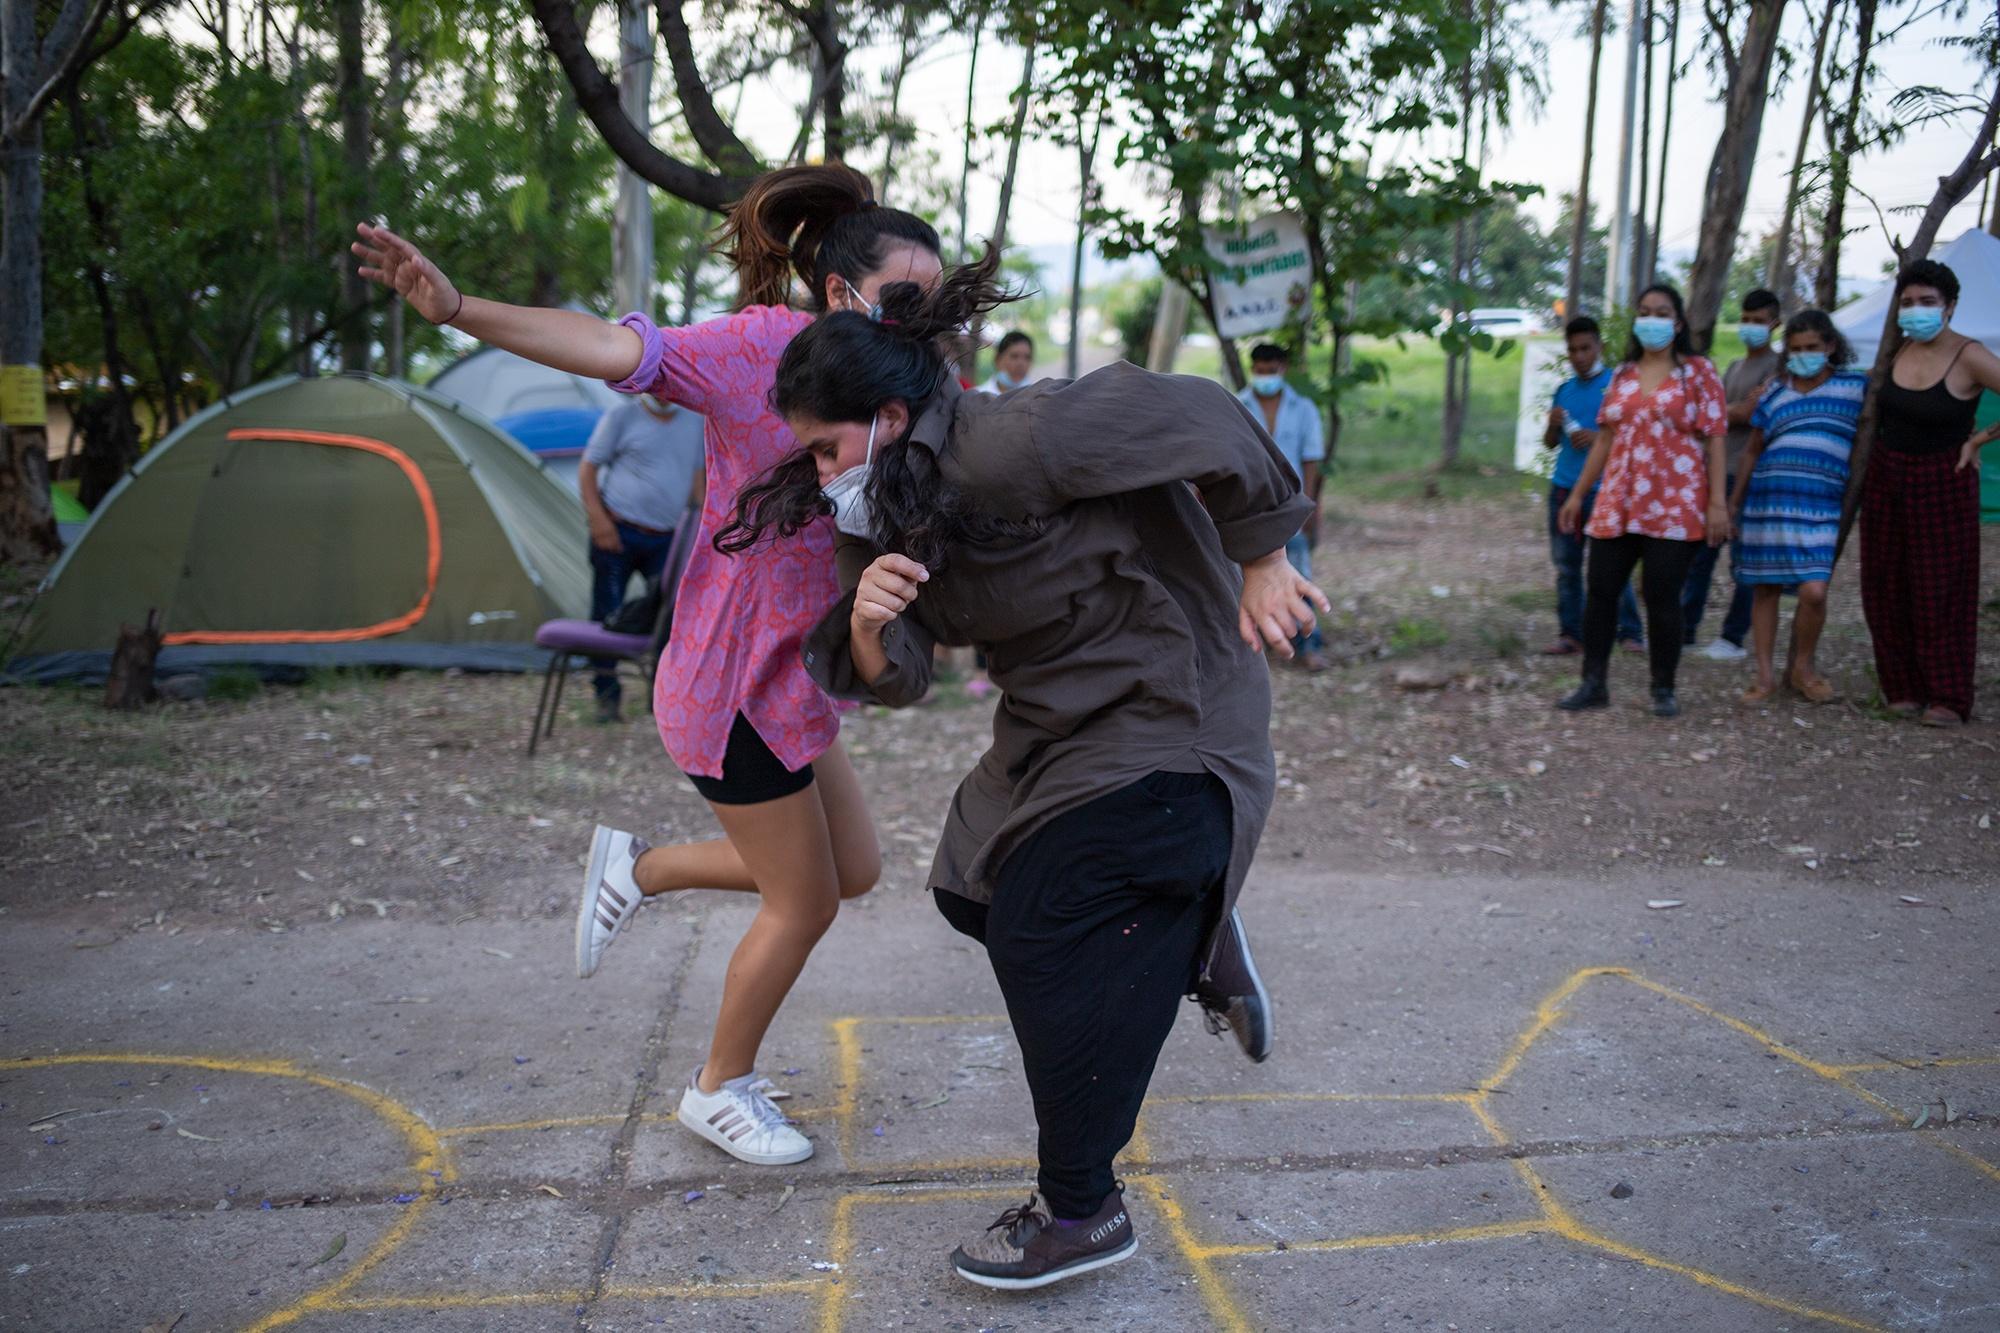 La activista feminista, Neesa Medina, y la artista y docente de danza contemporánea, Luna Flores, participan en el Campamento Feminista Viva Berta. Tegucigalpa, 19 de mayo de 2021. Foto: Martín Cálix.